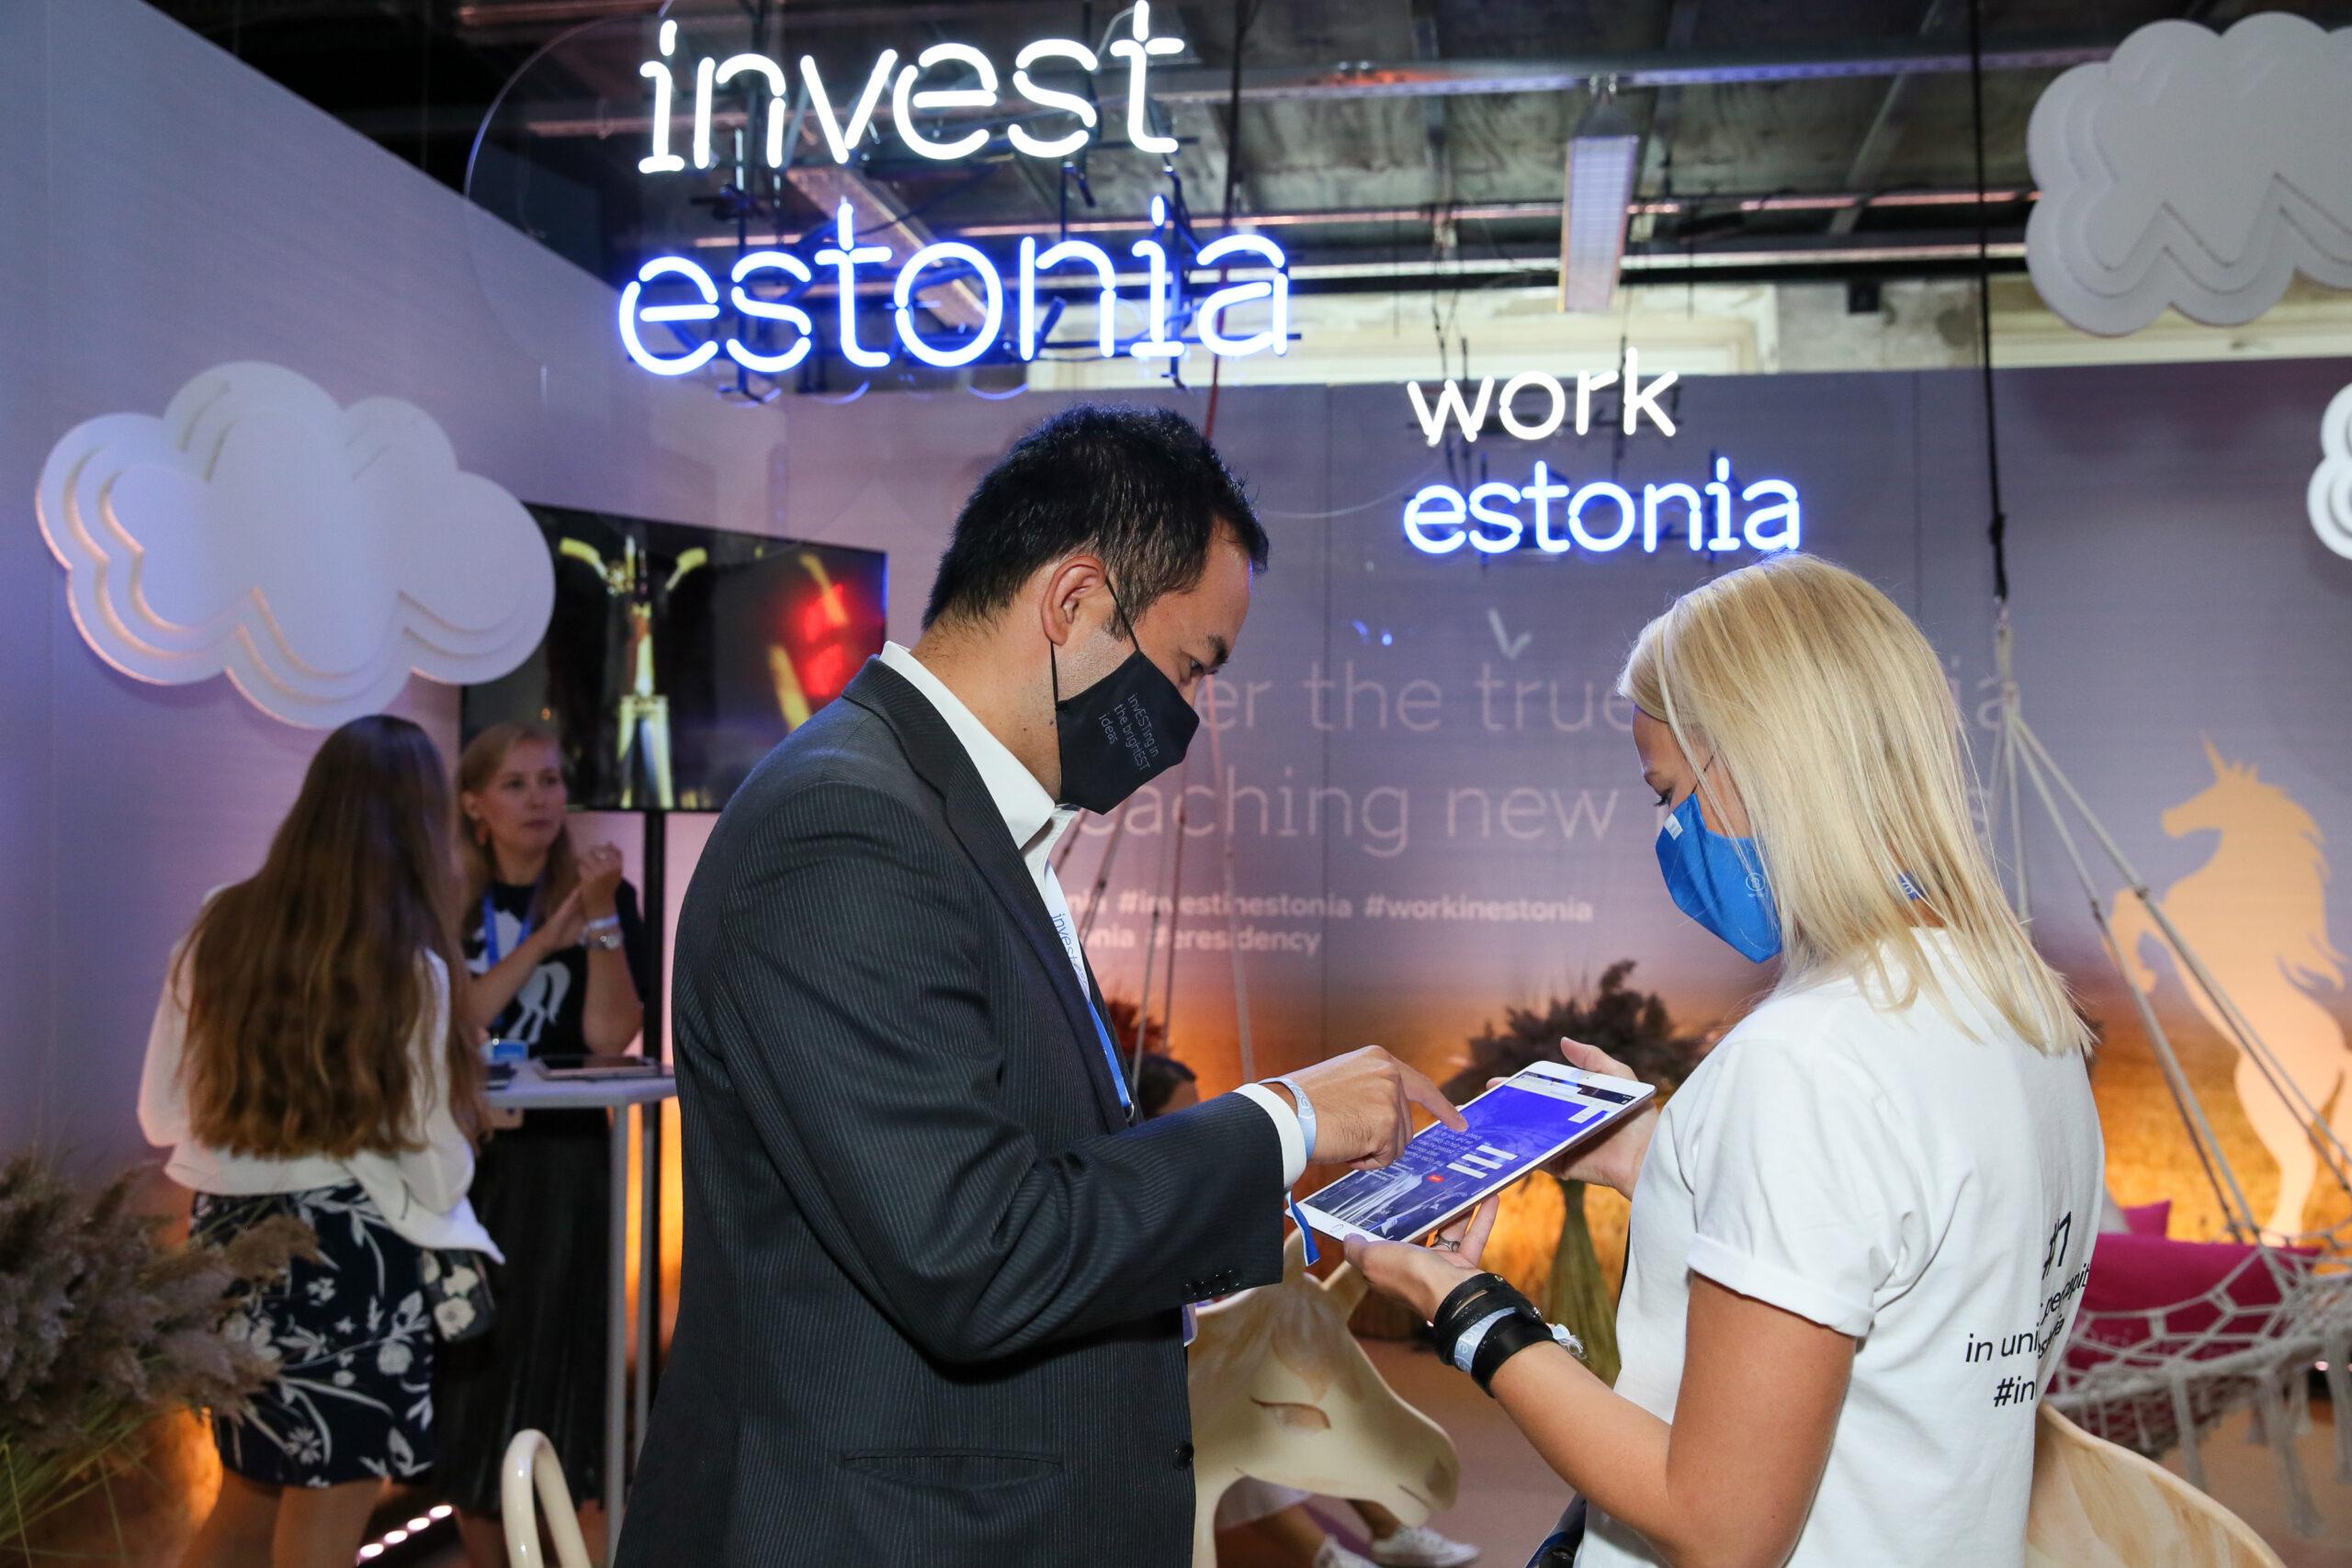 invest in estonia